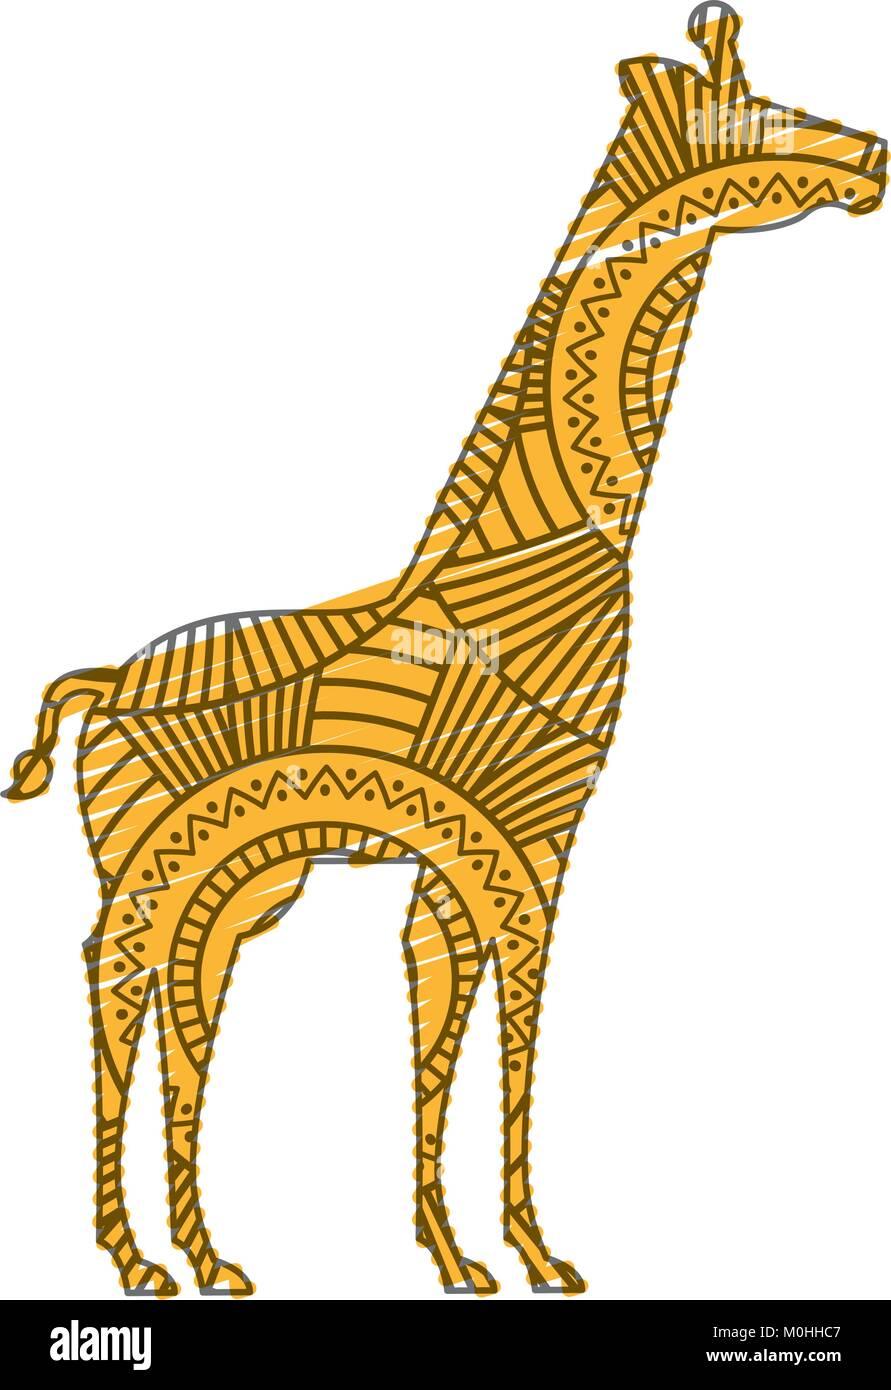 Coloriage Adulte Girafe.Faites A La Main Pour Des Profils Coloriage De Girafe Avec